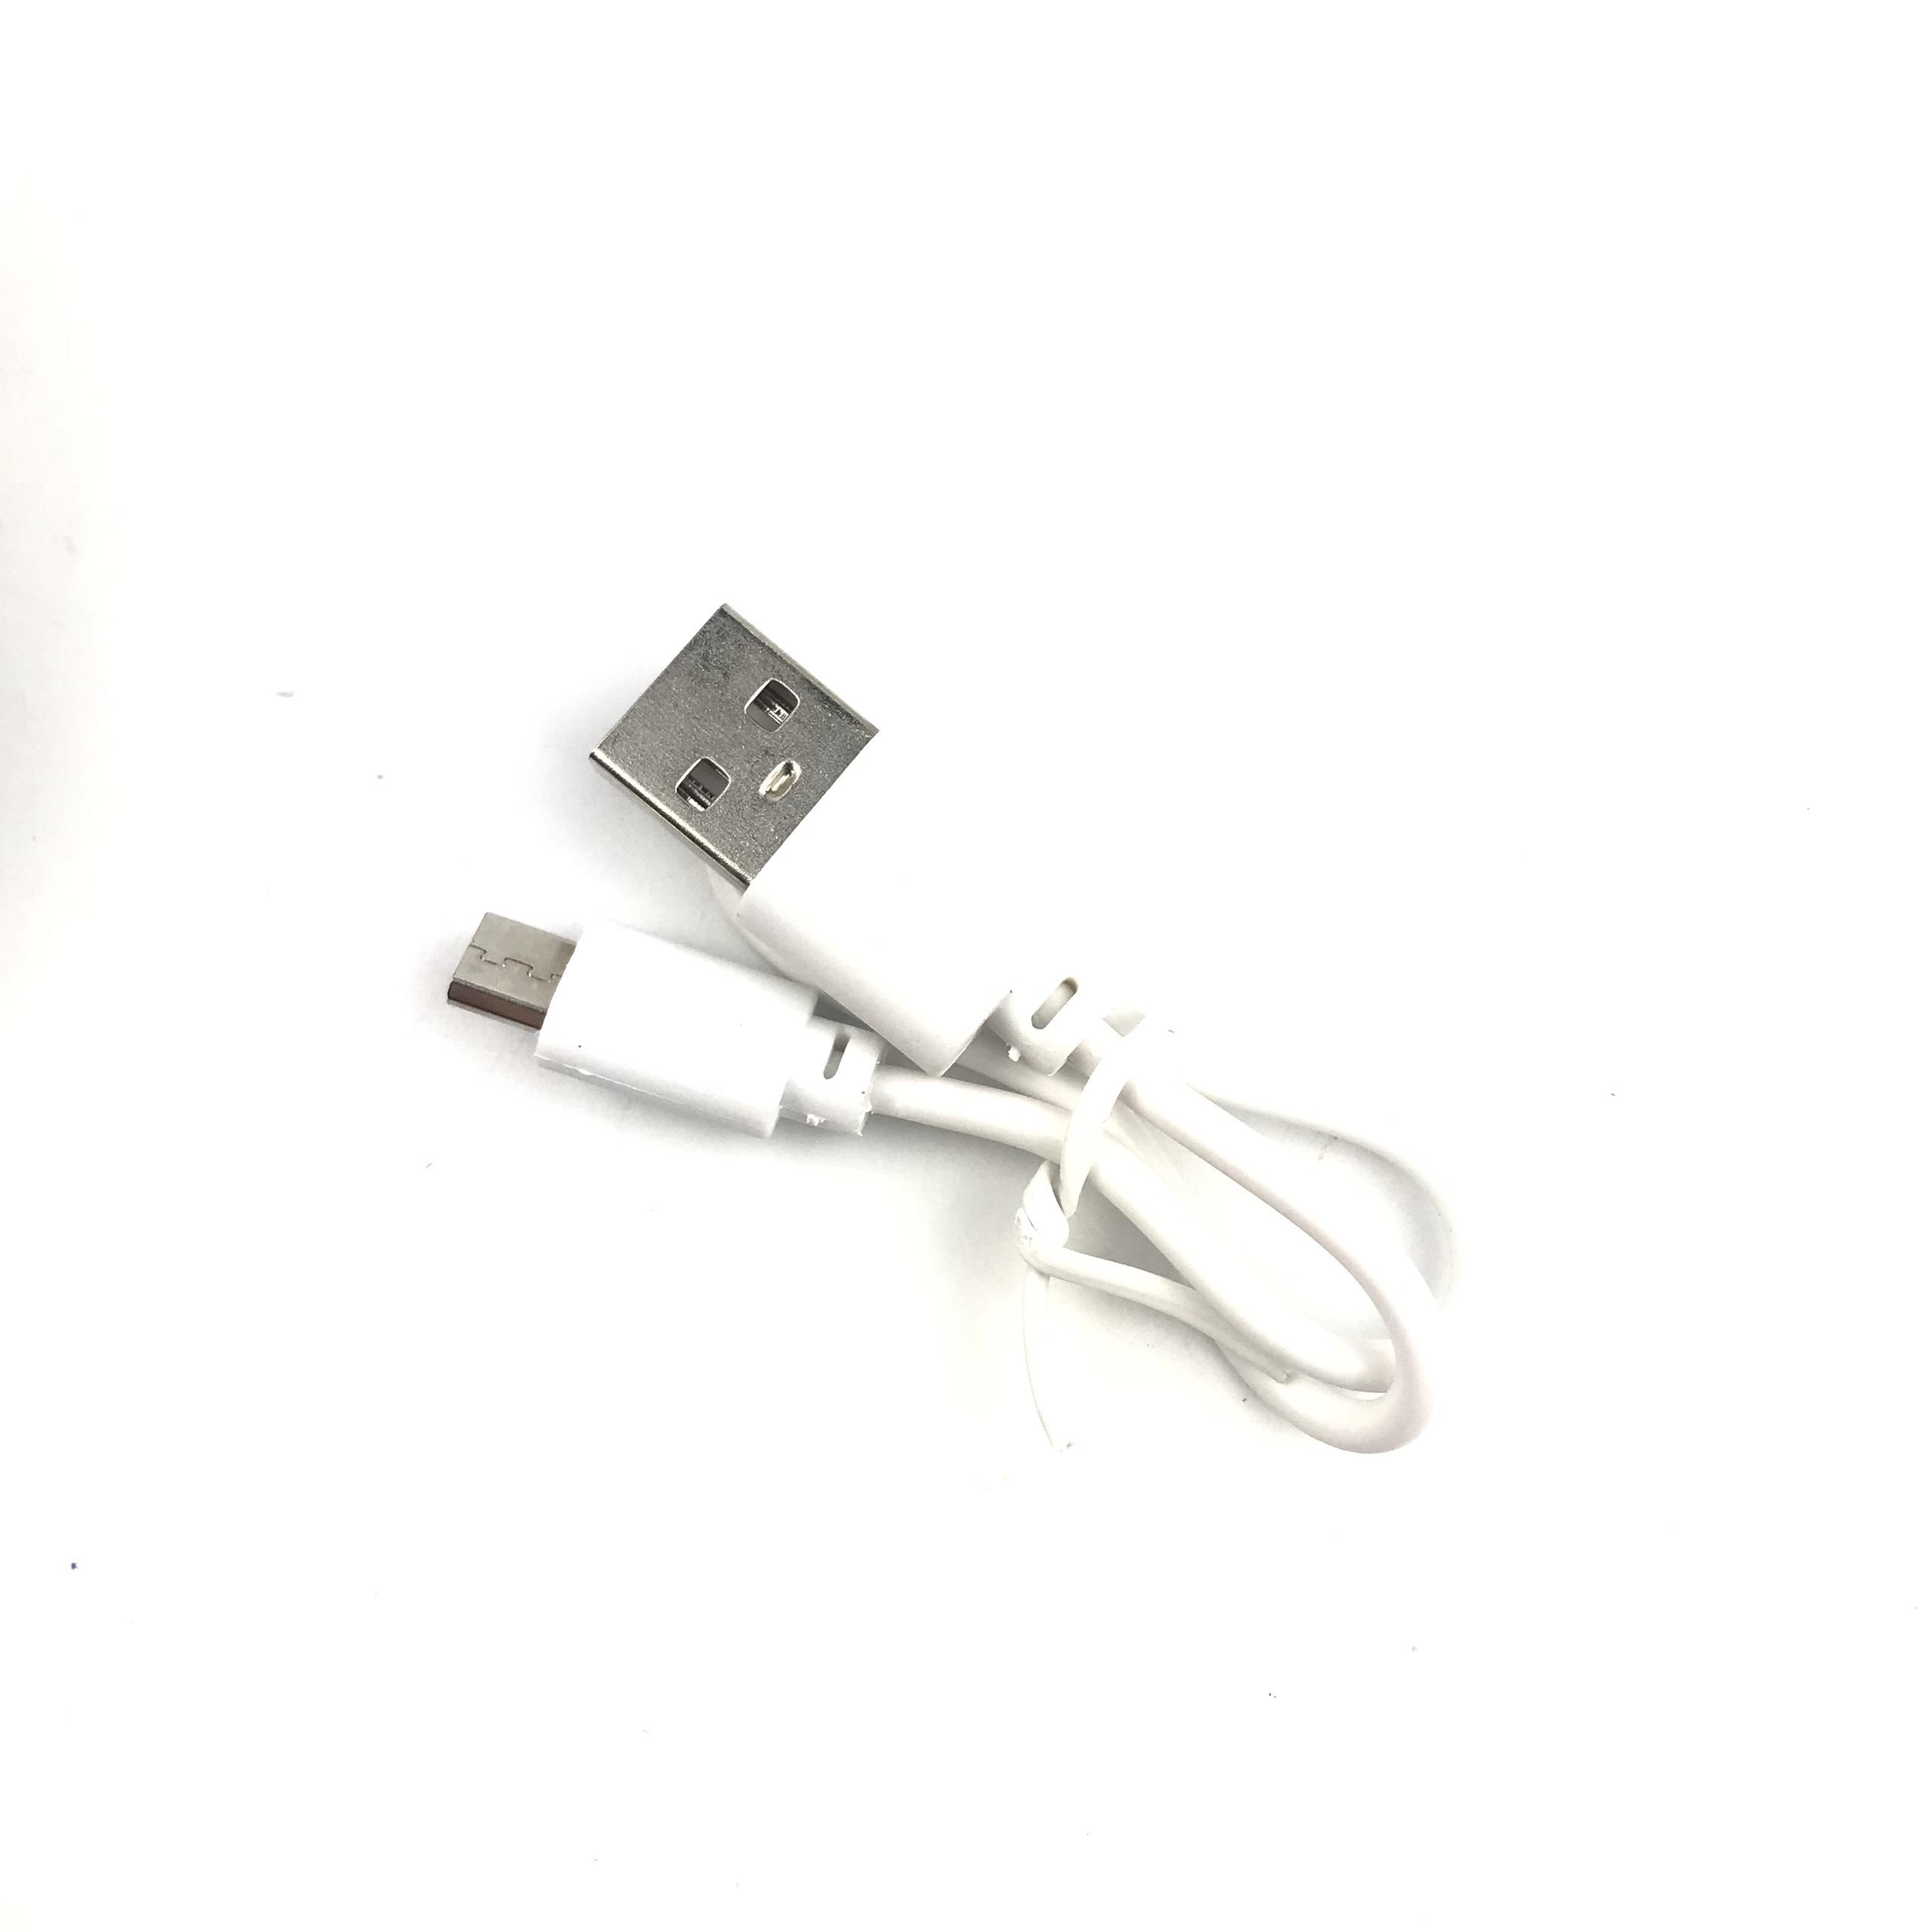 Tai Nghe Bluetooth Chụp Tai GUTEk JB950 Nghe Nhạc Không Dây Với Âm Thanh Cực Chất, Chuyên Bass, Siêu Trầm, Hỗ Trợ Cắm Thẻ Nhớ Và Cổng 3.5, Hai Màu Trắng Đen – Hàng Chính Hãng